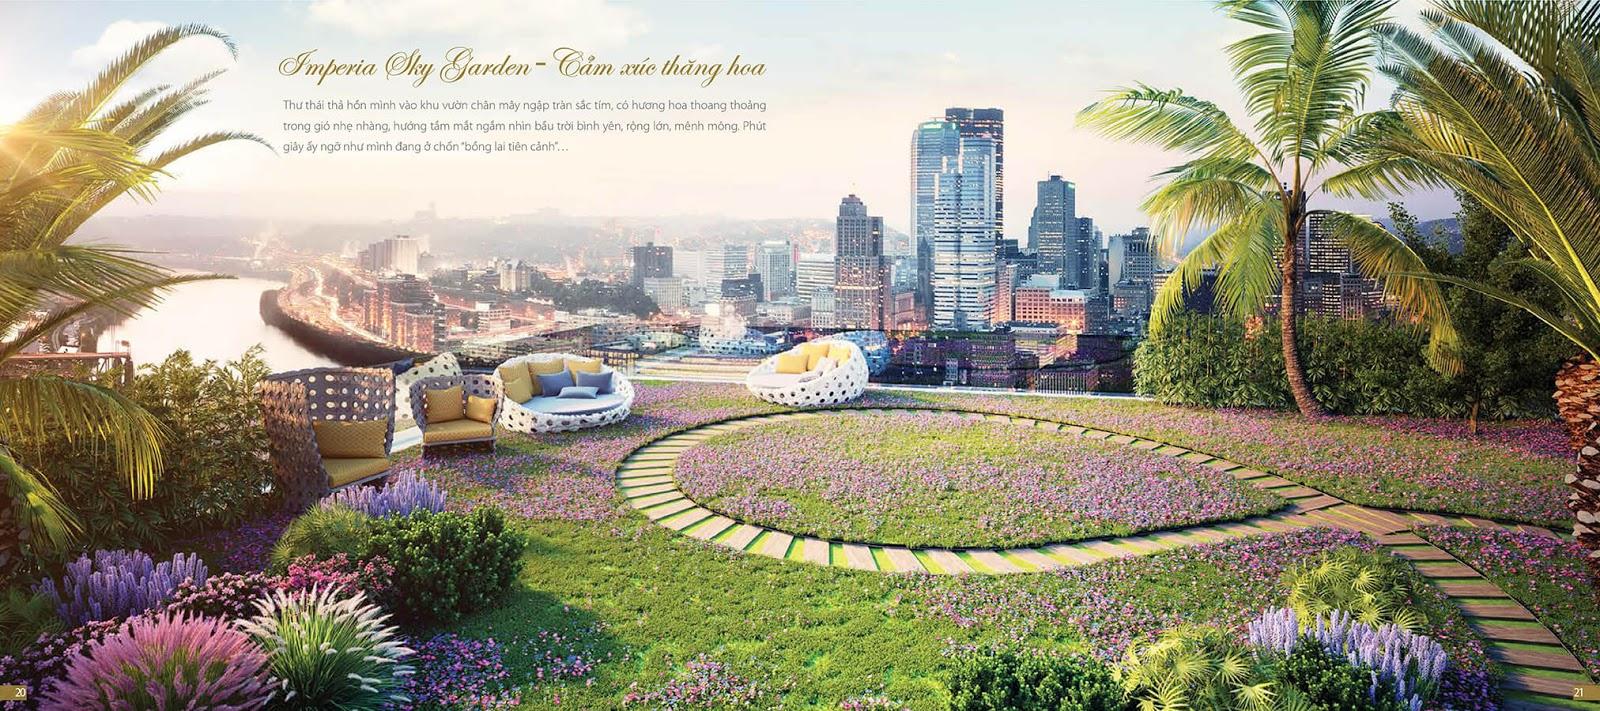 Vườn trên mấy của chung cư Imperia Sky Garden